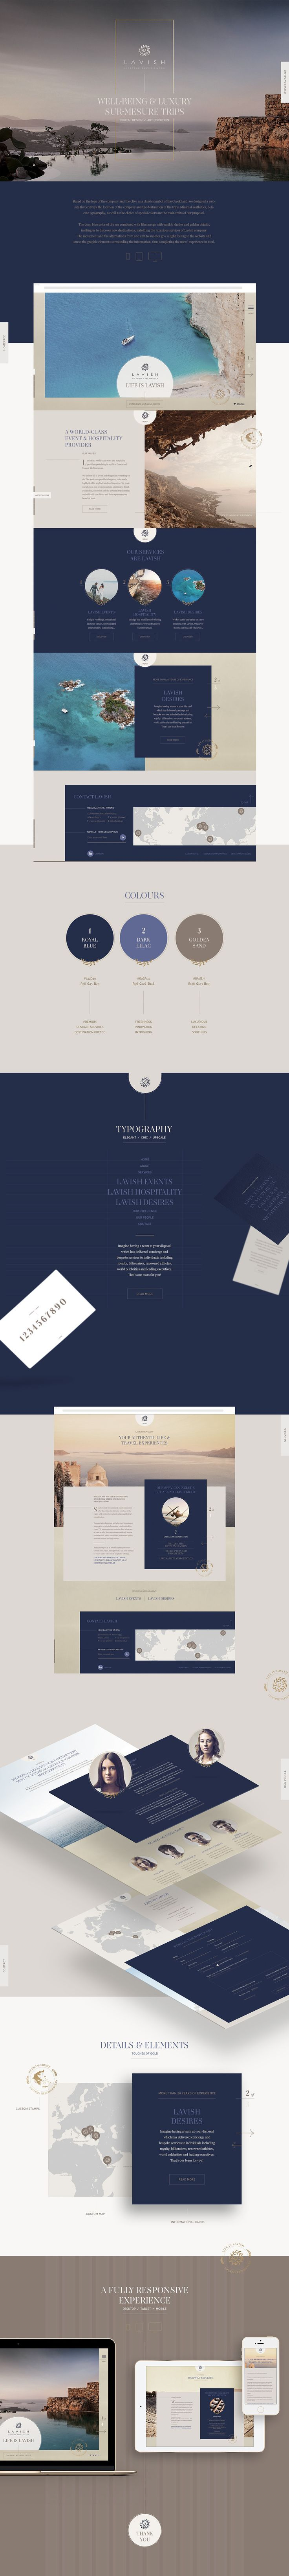 Lavish Website on Behance